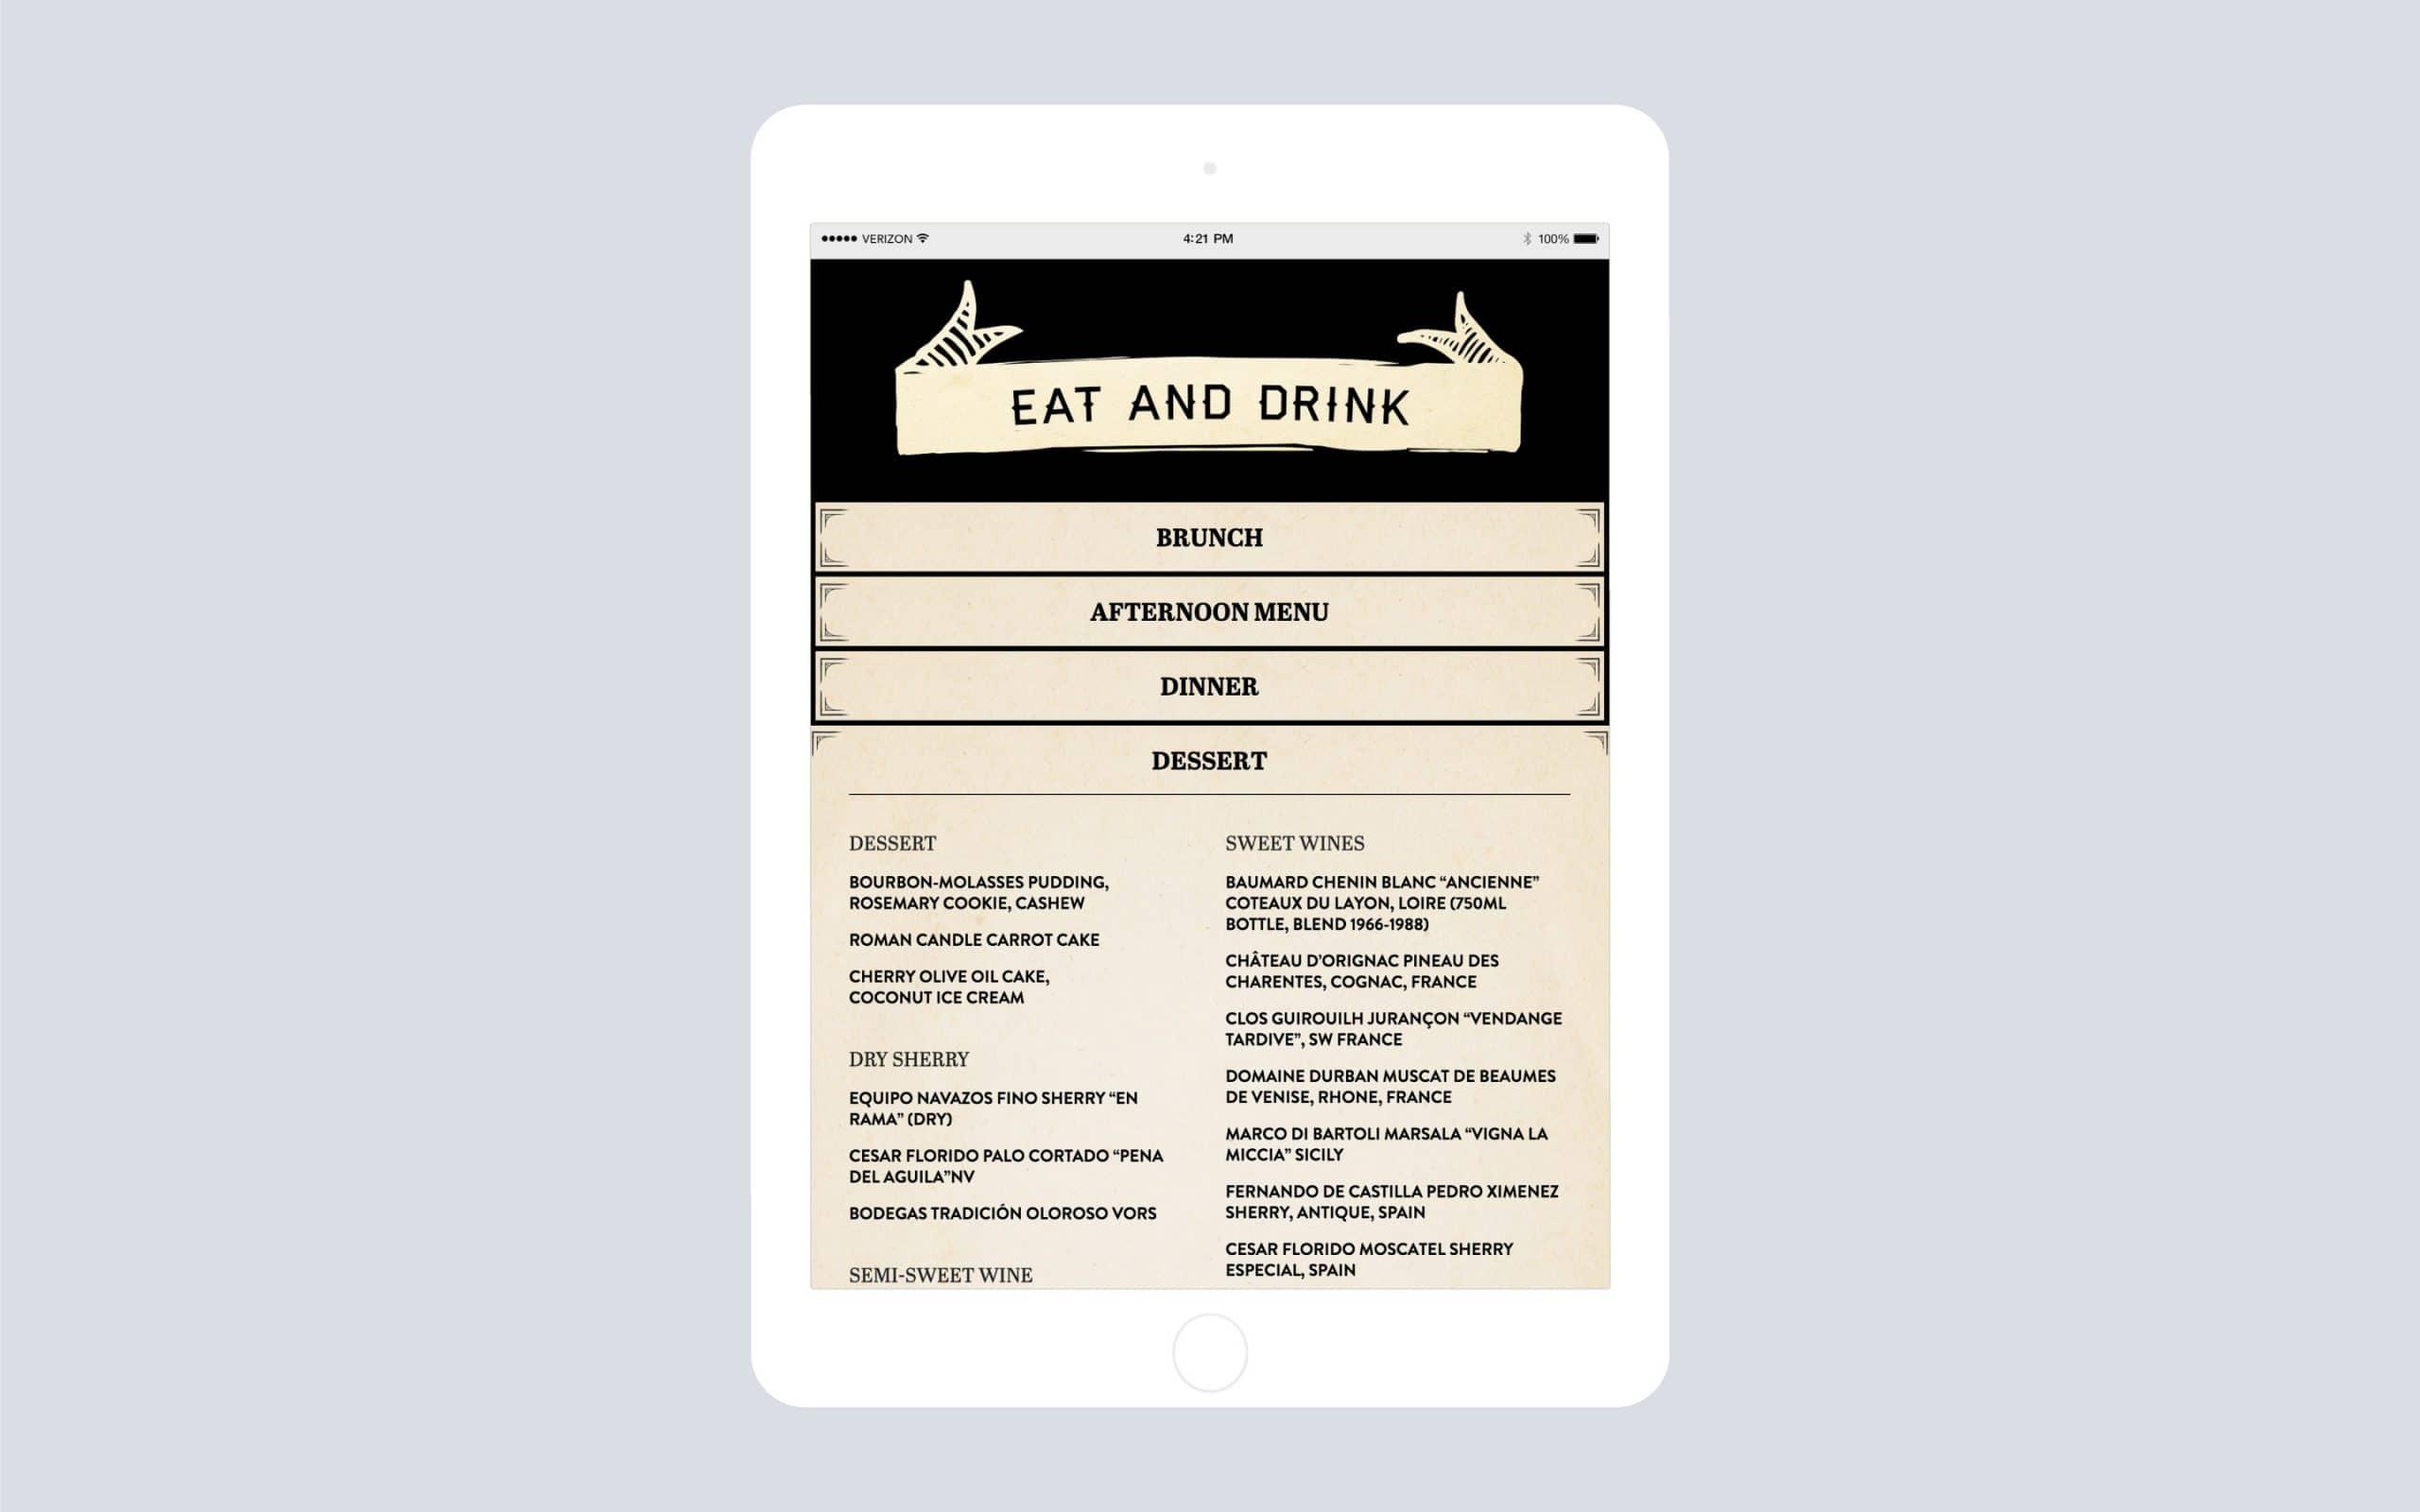 Woodsman Tavern website menu on iPad